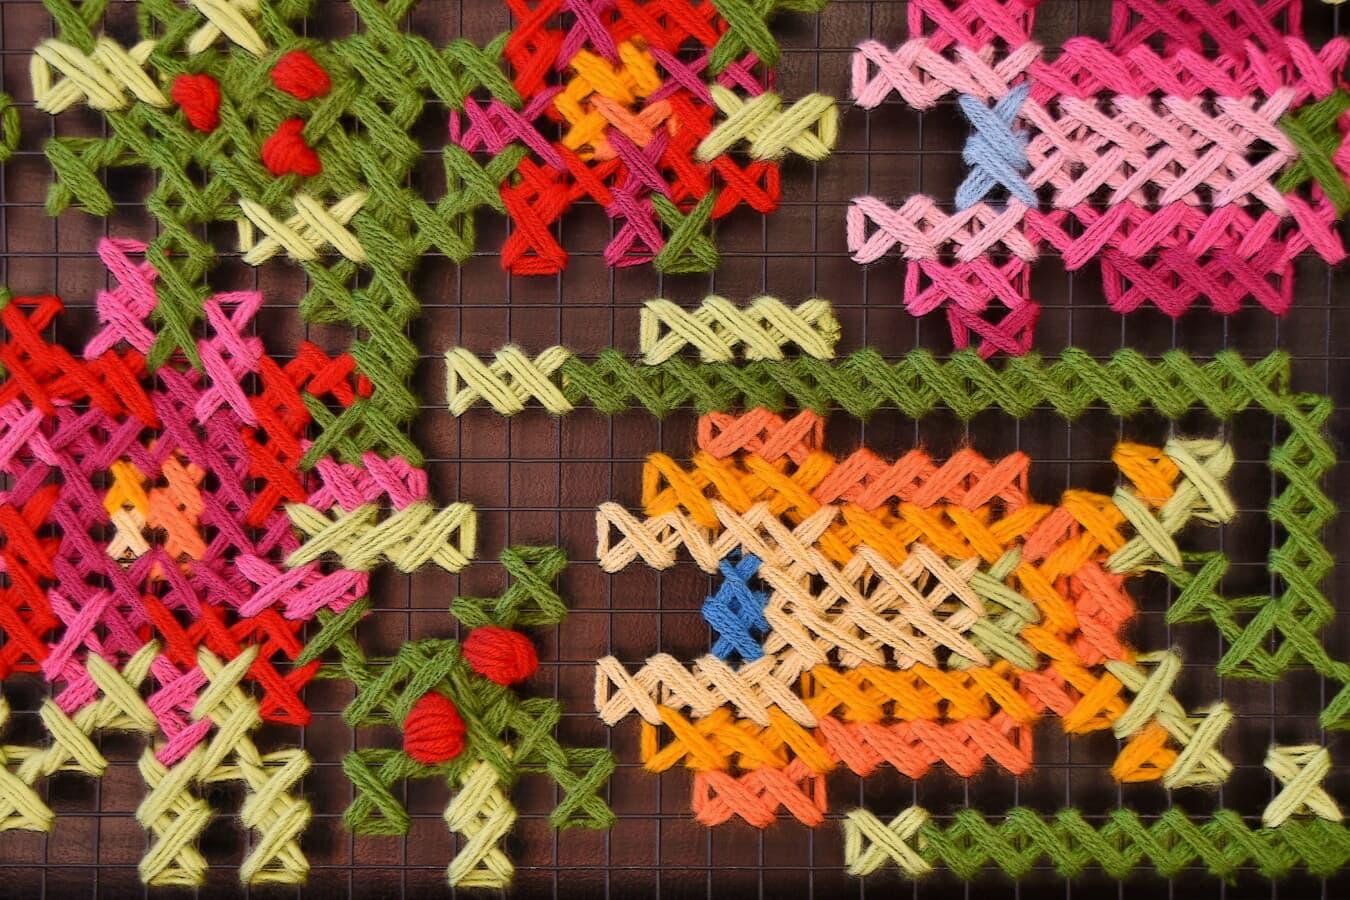 nœud, laine, coloré, thread, fils, artisanat, grille, Metal, fibre, unique